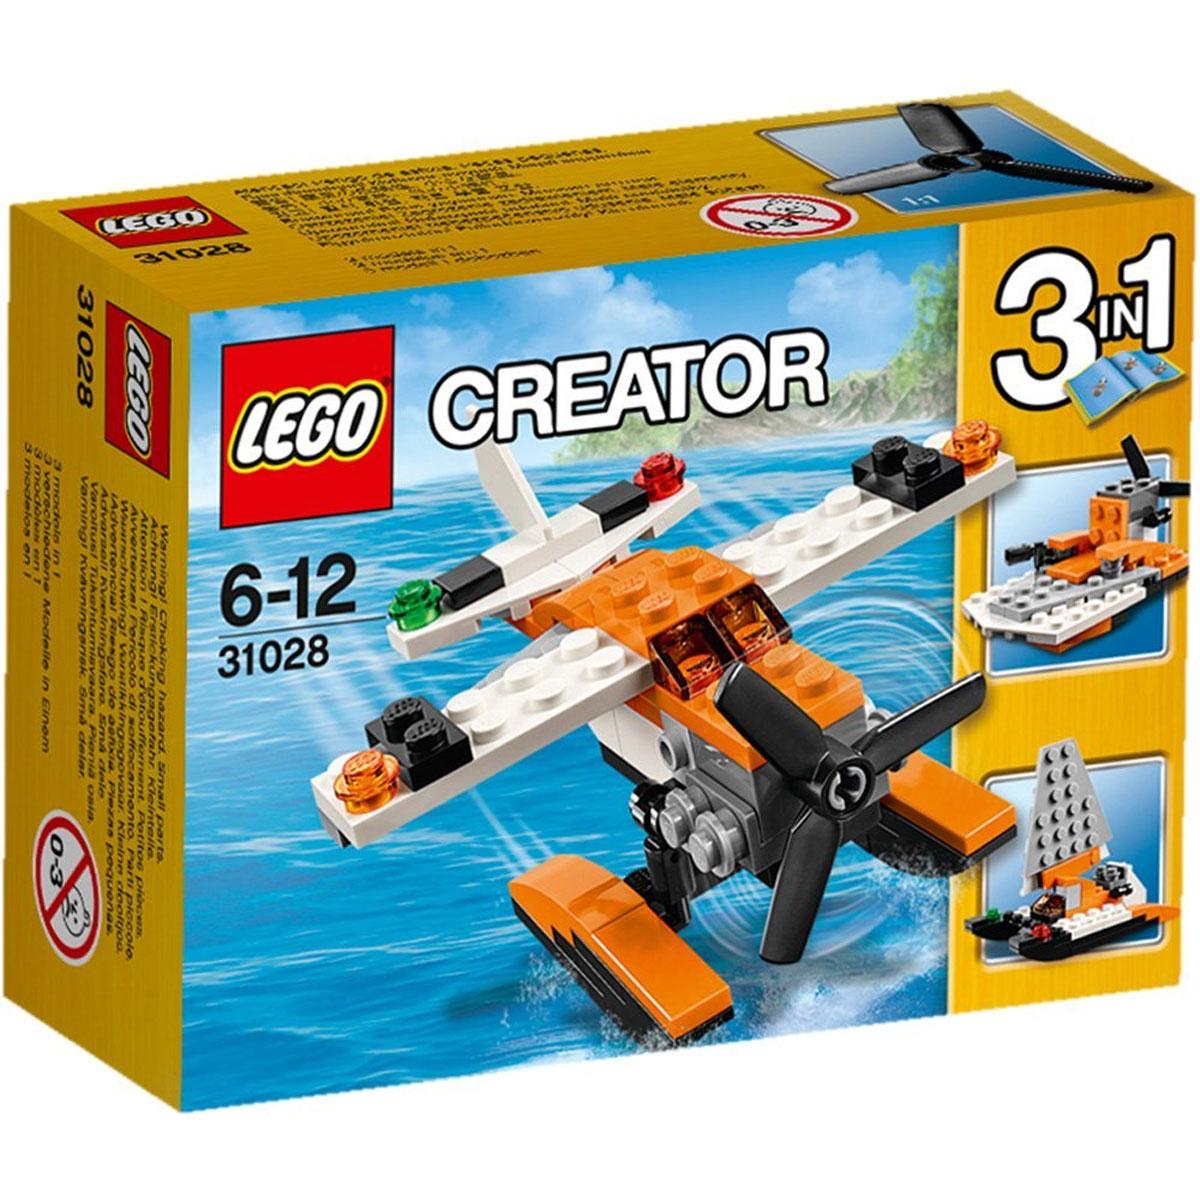 LEGO Creator Конструктор Гидроплан31028Скользите по волнам на гидроплане! Закрутите пропеллер и подайте мощность. Прогремите над океаном и взлетайте в небо, выполняйте классные маневры в воздухе, потом приводняйтесь на поверхность океана. Гидроплан из набора Лего - это уникальный летательный аппарат, позволяющий взлетать и приземляться на поверхность воды. Его основной задачей является патрулирование береговой линии и оказание помощи всем, кто попал в беду на воде. Корпус гидроплана выполнен из контрастных оранжево-белых деталей, хорошо заметных в небе. В носовой части фюзеляжа установлен трёхлопастной вращающийся пропеллер. За ним видна кабина пилота с тонированным ветровым стеклом и длинные крылья с сигнальными огнями. В задней части располагается хвост с килем и аэронавигационные огни. Главной особенностью гидроплана служат два продолговатых поплавка, прикреплённые к днищу. Они полностью заменяют обычное шасси и помогают приземлиться практически на любой водоём. При желании гидроплан можно переделать в катер для...